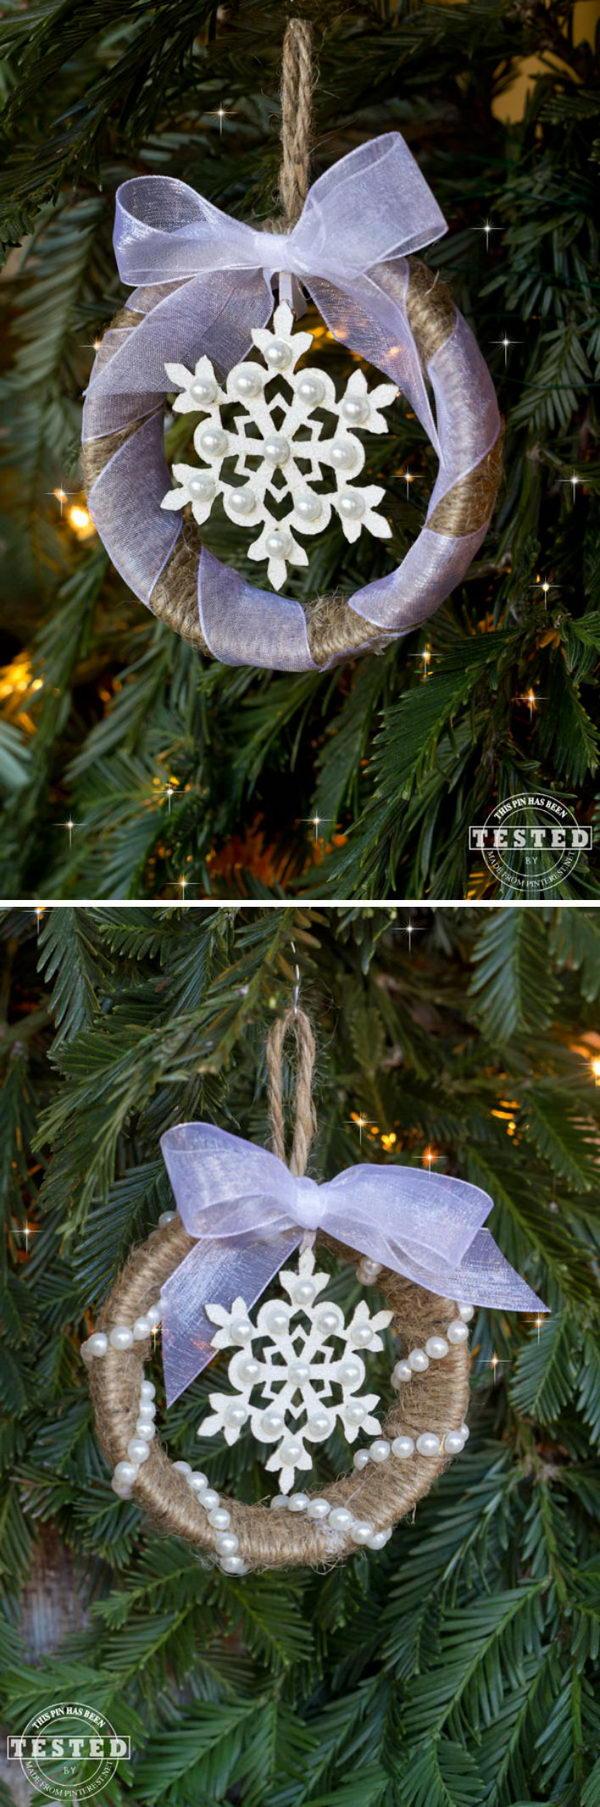 DIY Pearl Bead Mason Jar Ring Ornament.